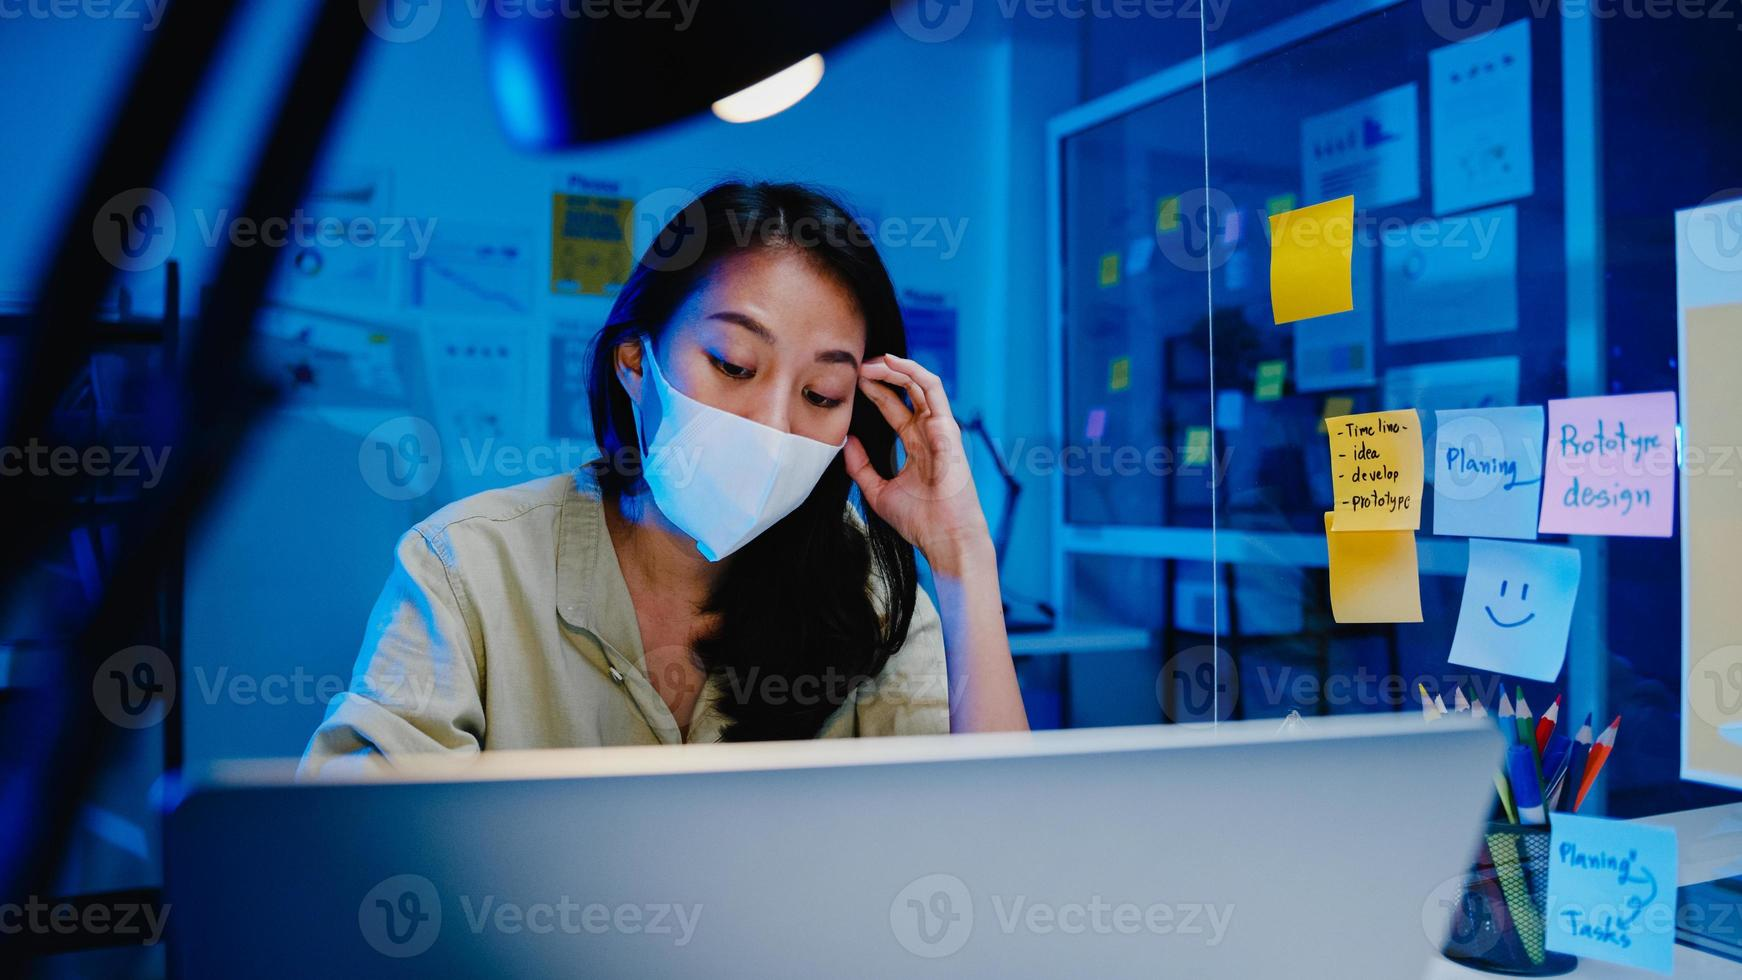 le donne asiatiche freelance indossano la maschera facciale usando il duro lavoro del laptop nel nuovo ufficio normale. lavoro da sovraccarico domestico di notte, autoisolamento, distanza sociale, quarantena per la prevenzione del virus corona. foto